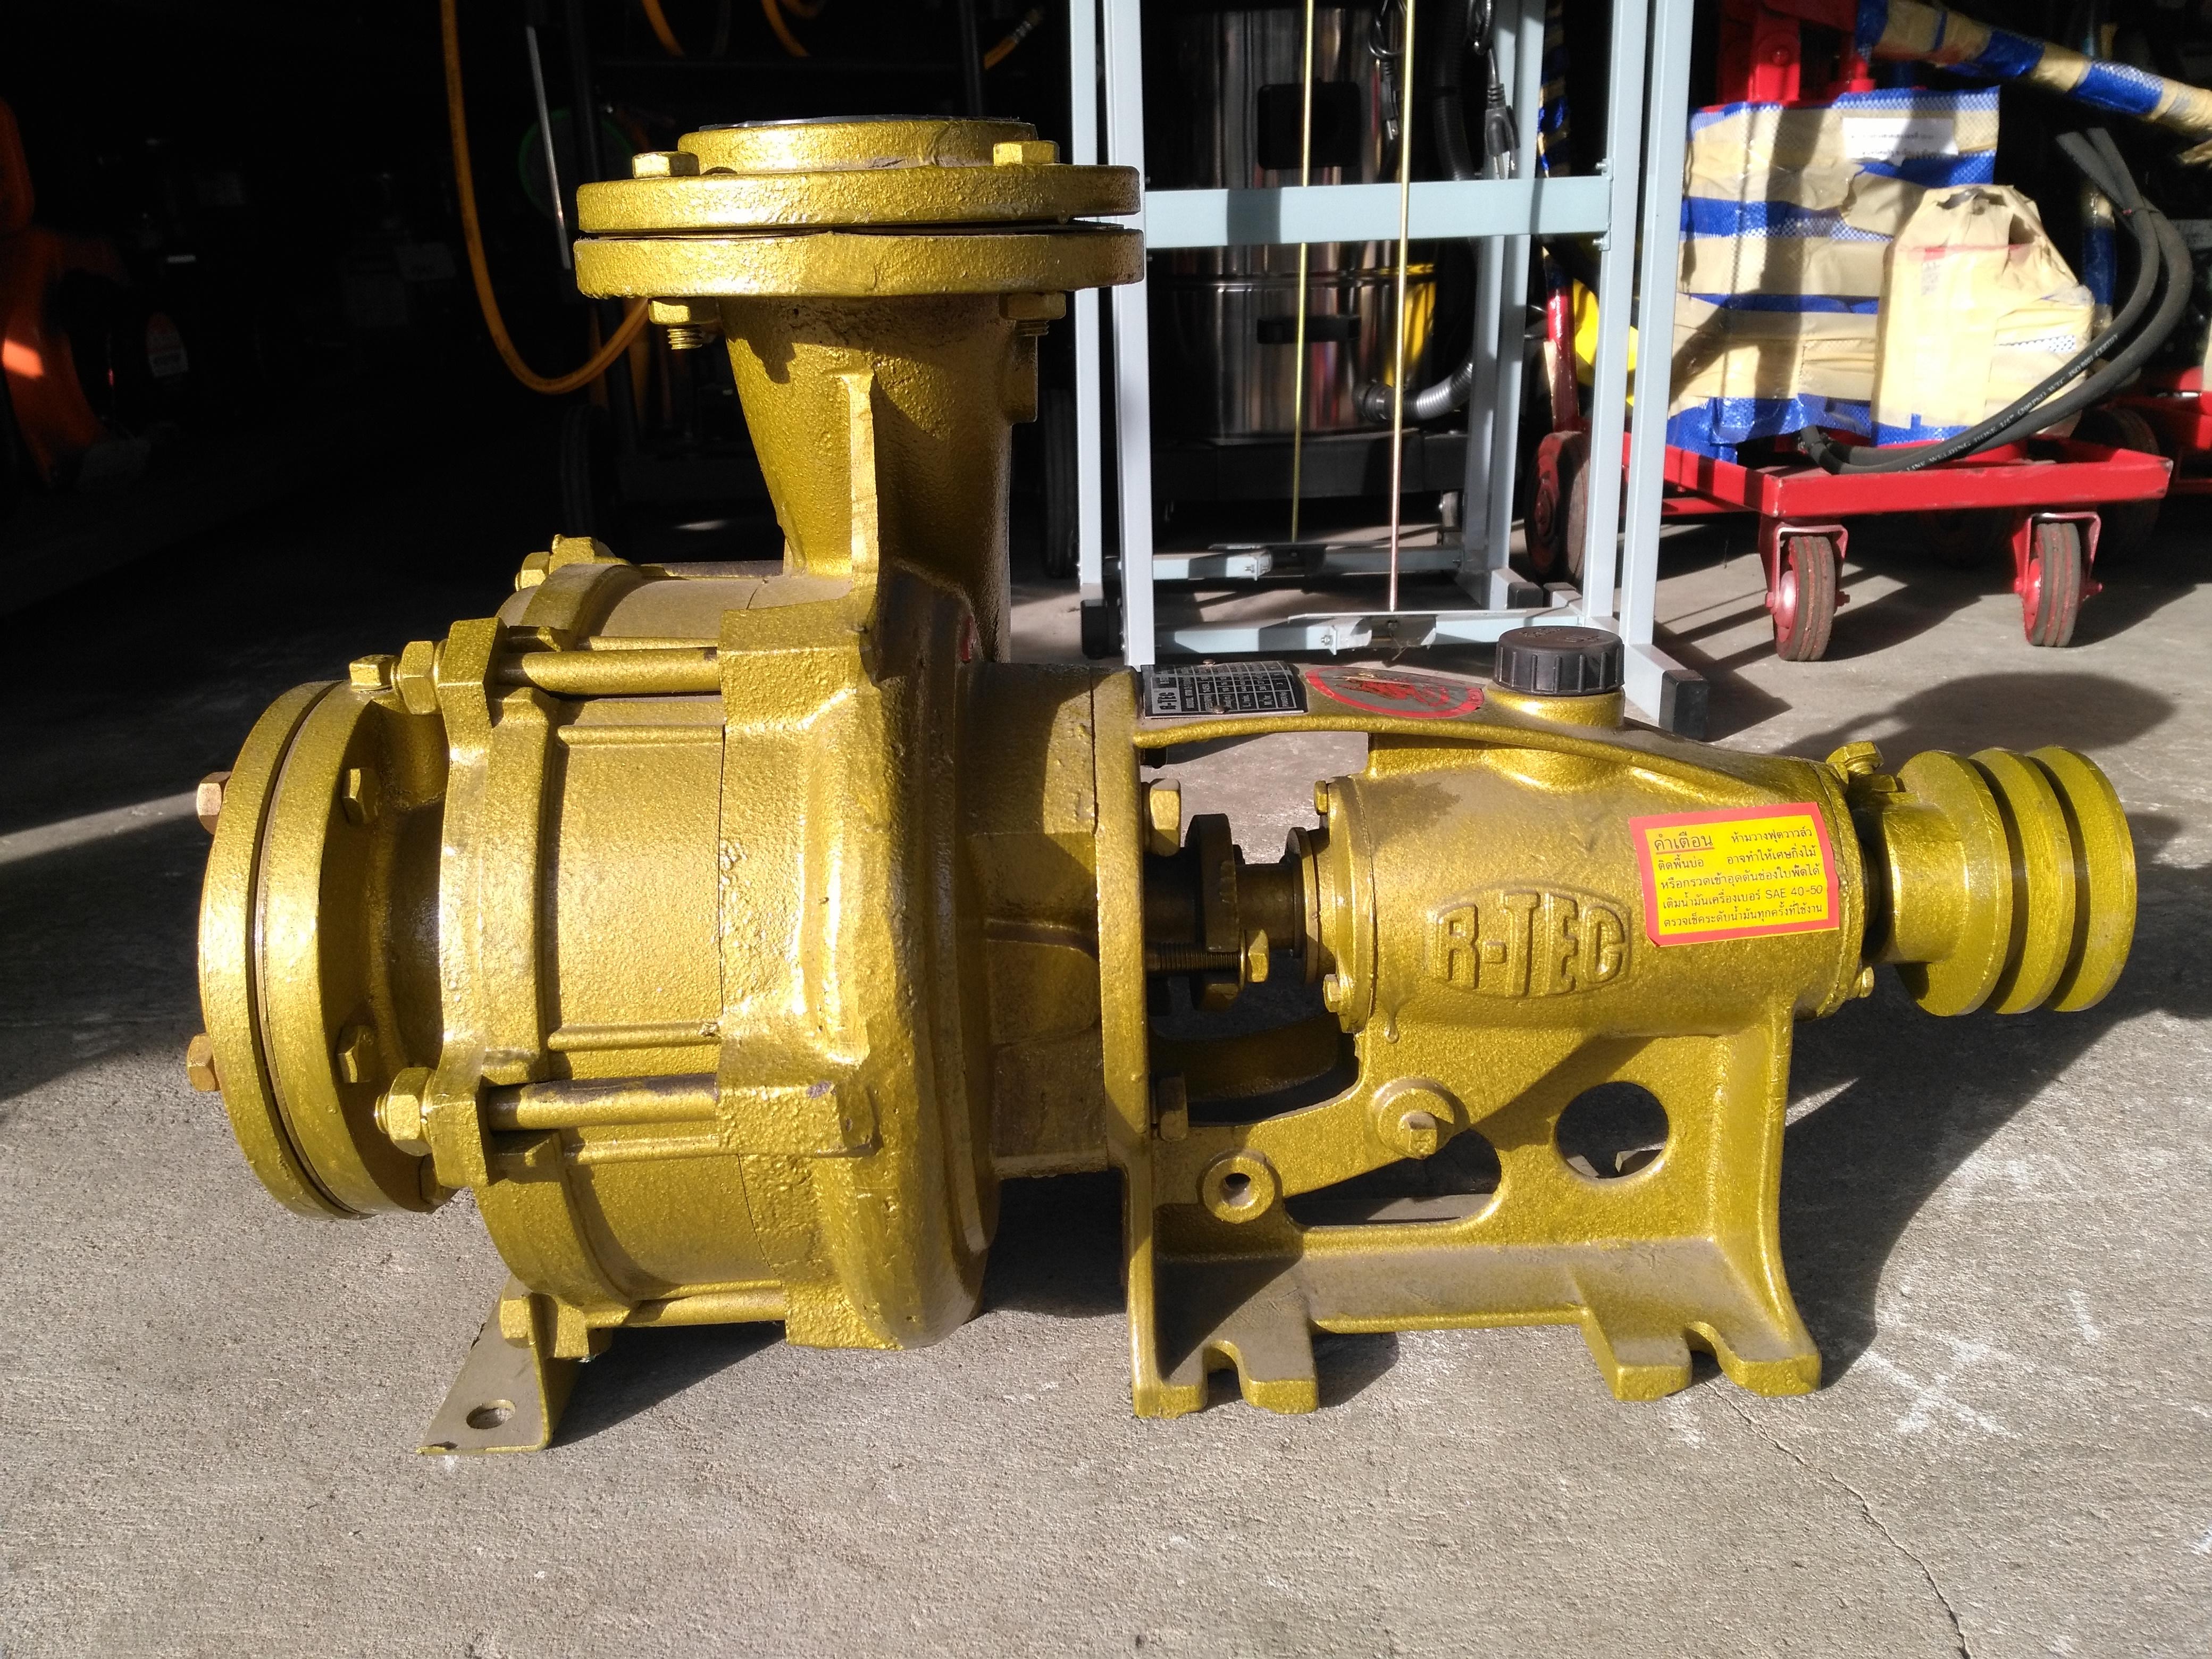 ปั๊มน้ำเพลาลอยเหล็กหล่อแรงดันสูง R-TEC 4 * 3 นิ้ว รุ่น RTM2-100*80N